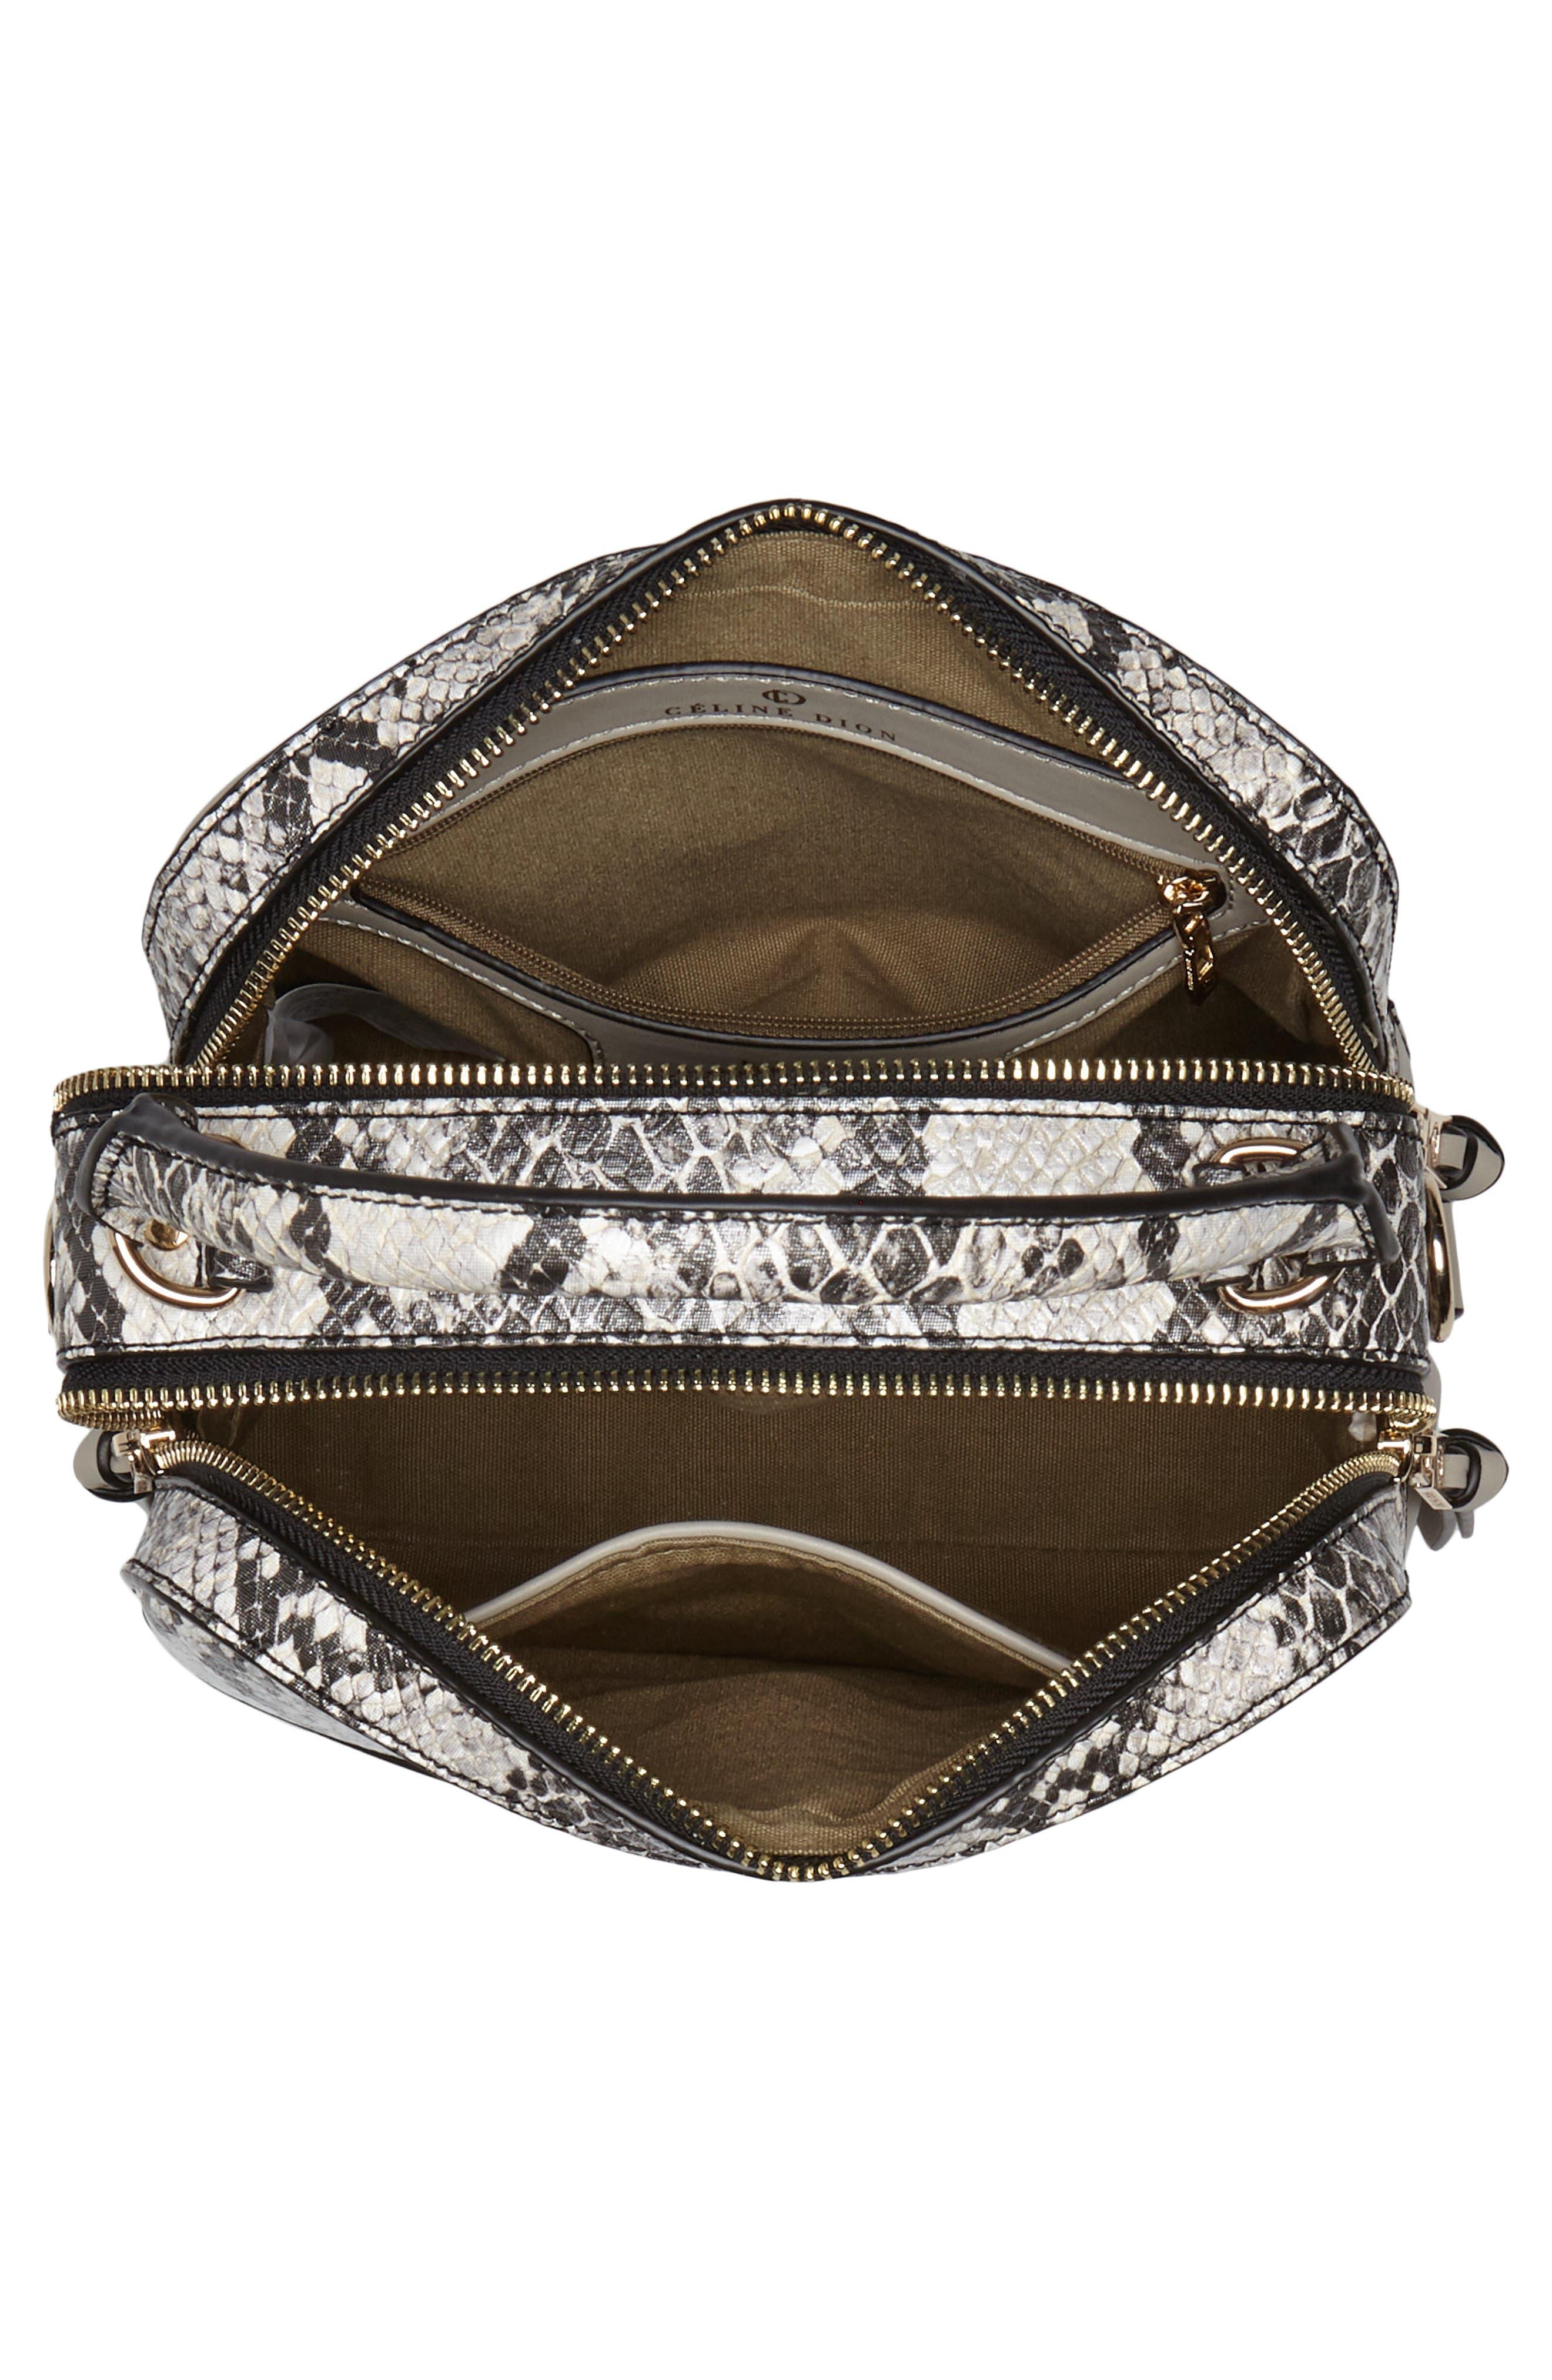 Céline Dion Motif Top Handle Leather Satchel,                             Alternate thumbnail 11, color,